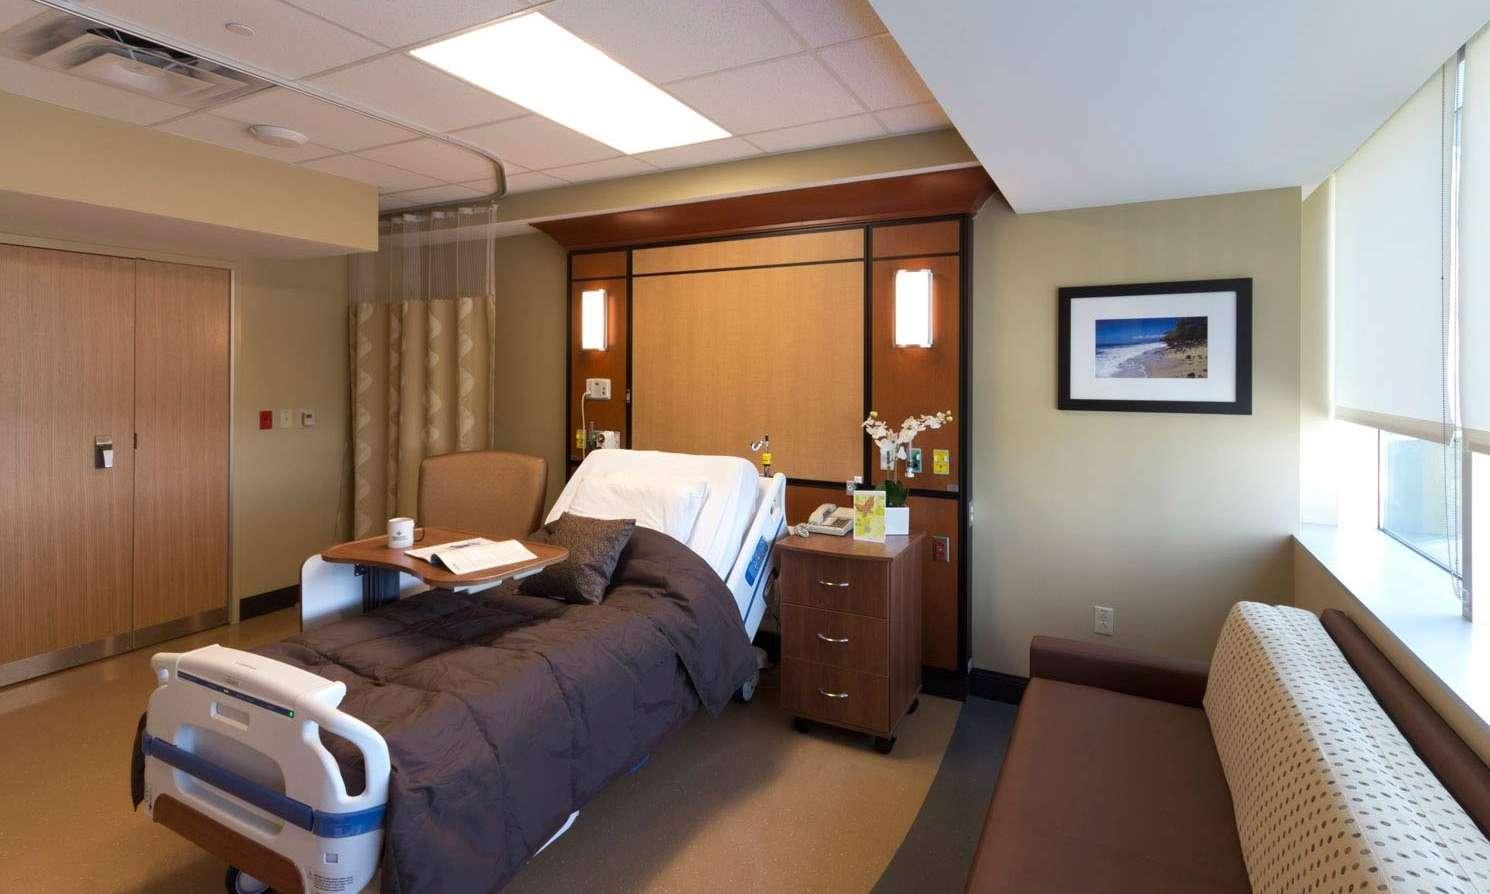 07-068B LGMC-Patient-Room MG 1639